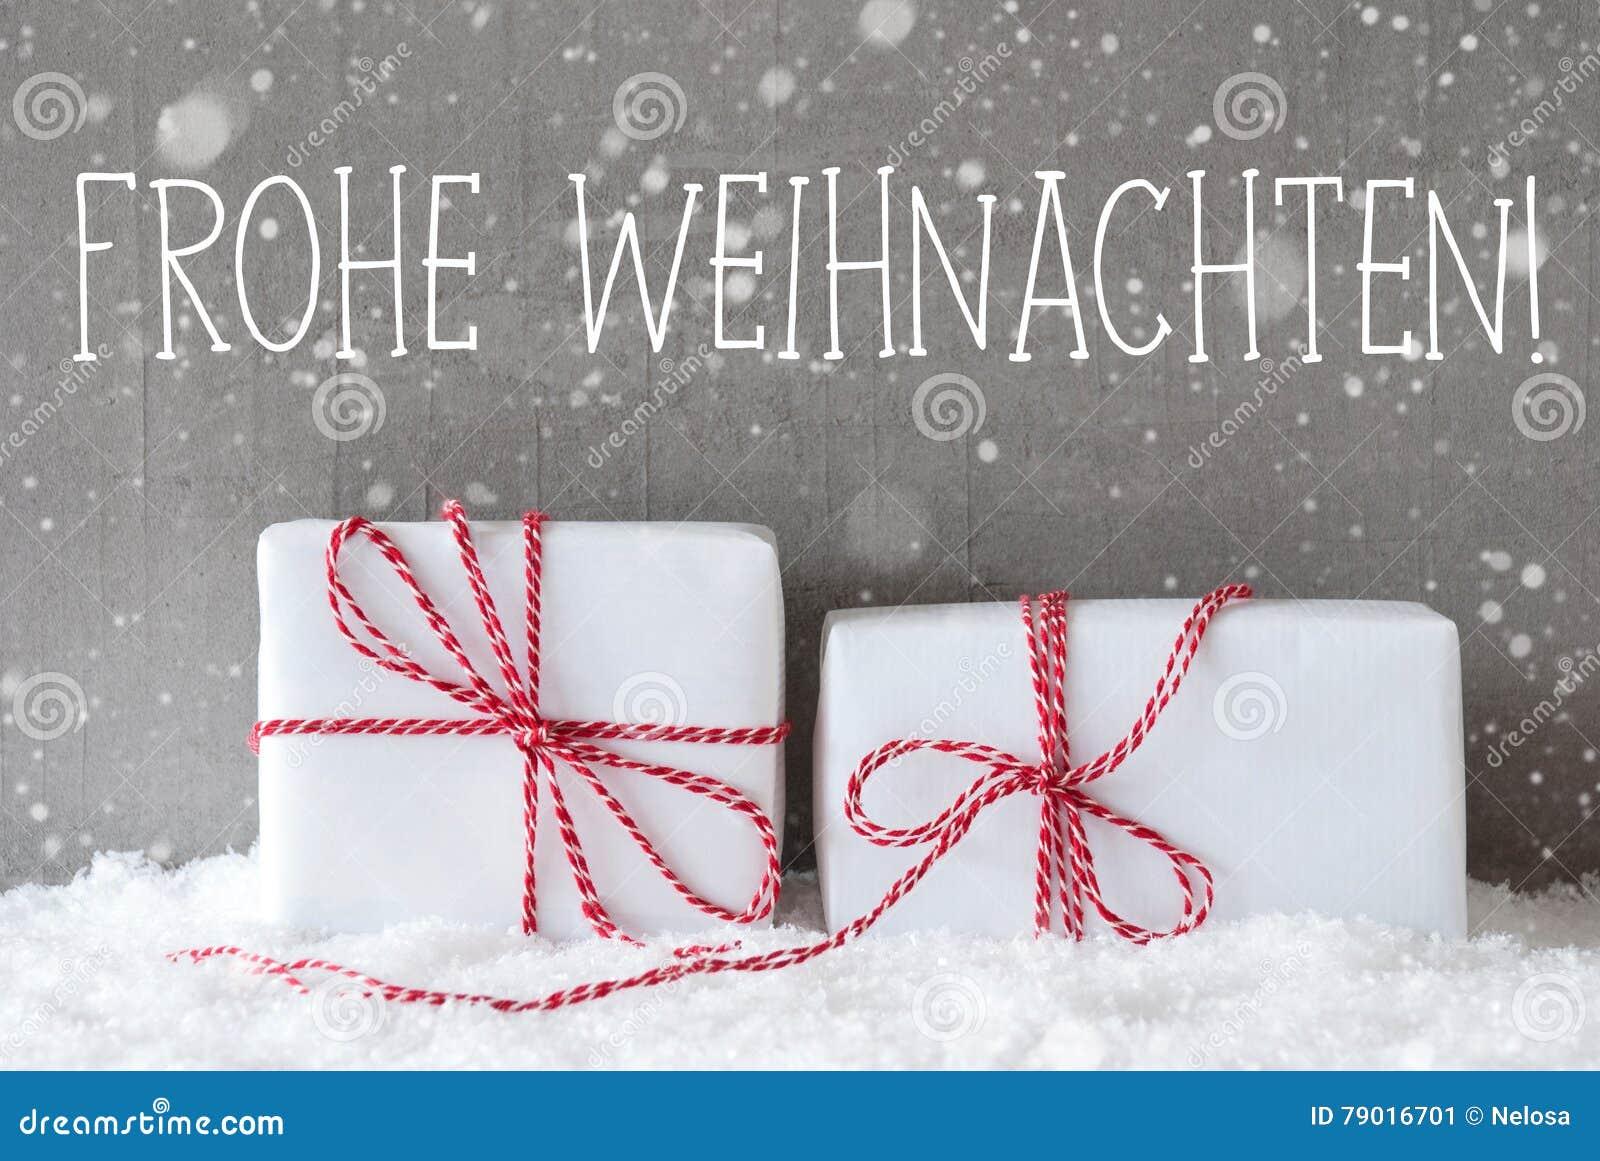 Bilder frohe weihnachten modern